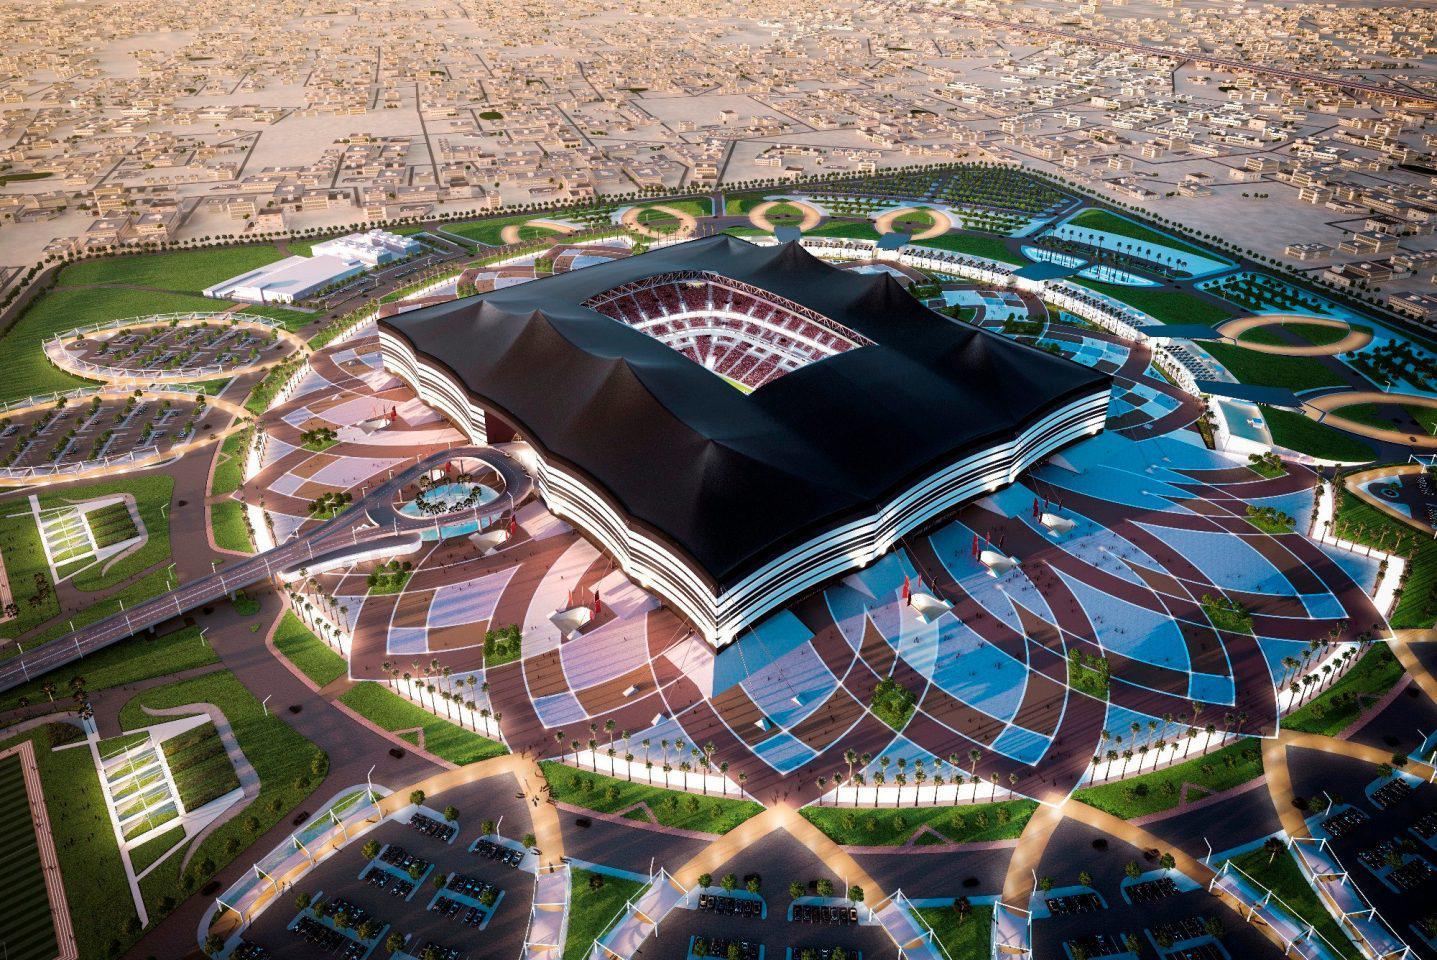 «Βαμμένο στο αίμα» το Μουντιάλ της χλιδής: Πάνω από 6.500 νεκροί μετανάστες στα εργοτάξια του Κατάρ